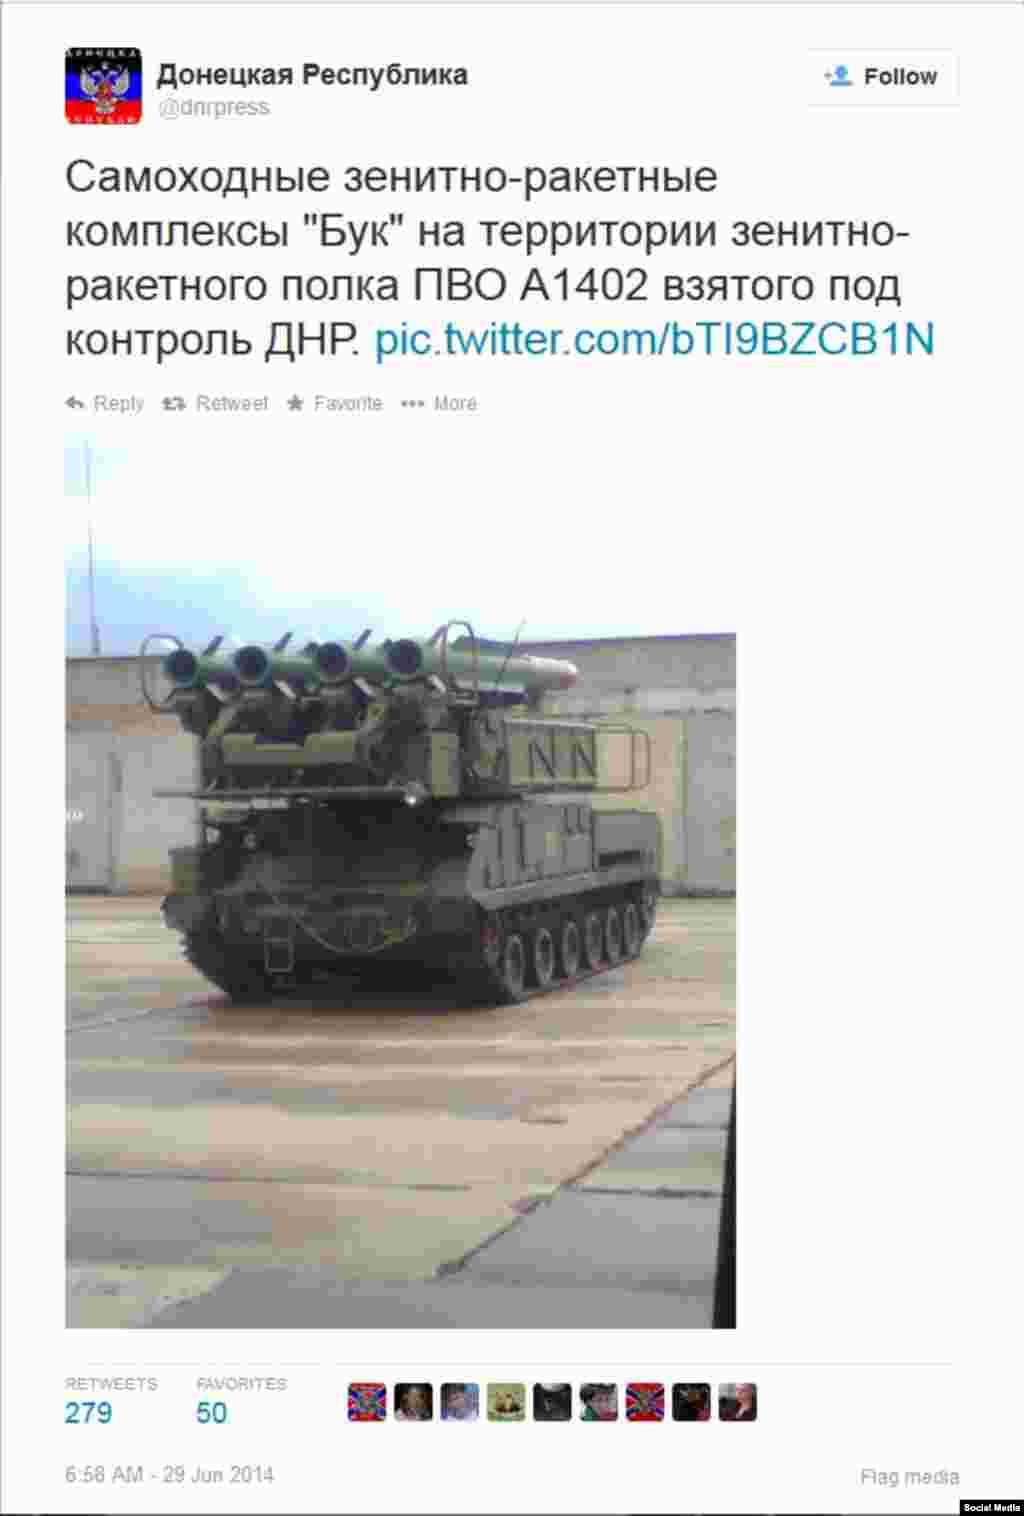 Публікація в твітері«Донецкой Республики» про заволодіння бойовиками зенітно-ракетного комплексу«Бук», 29 червня 2014 року